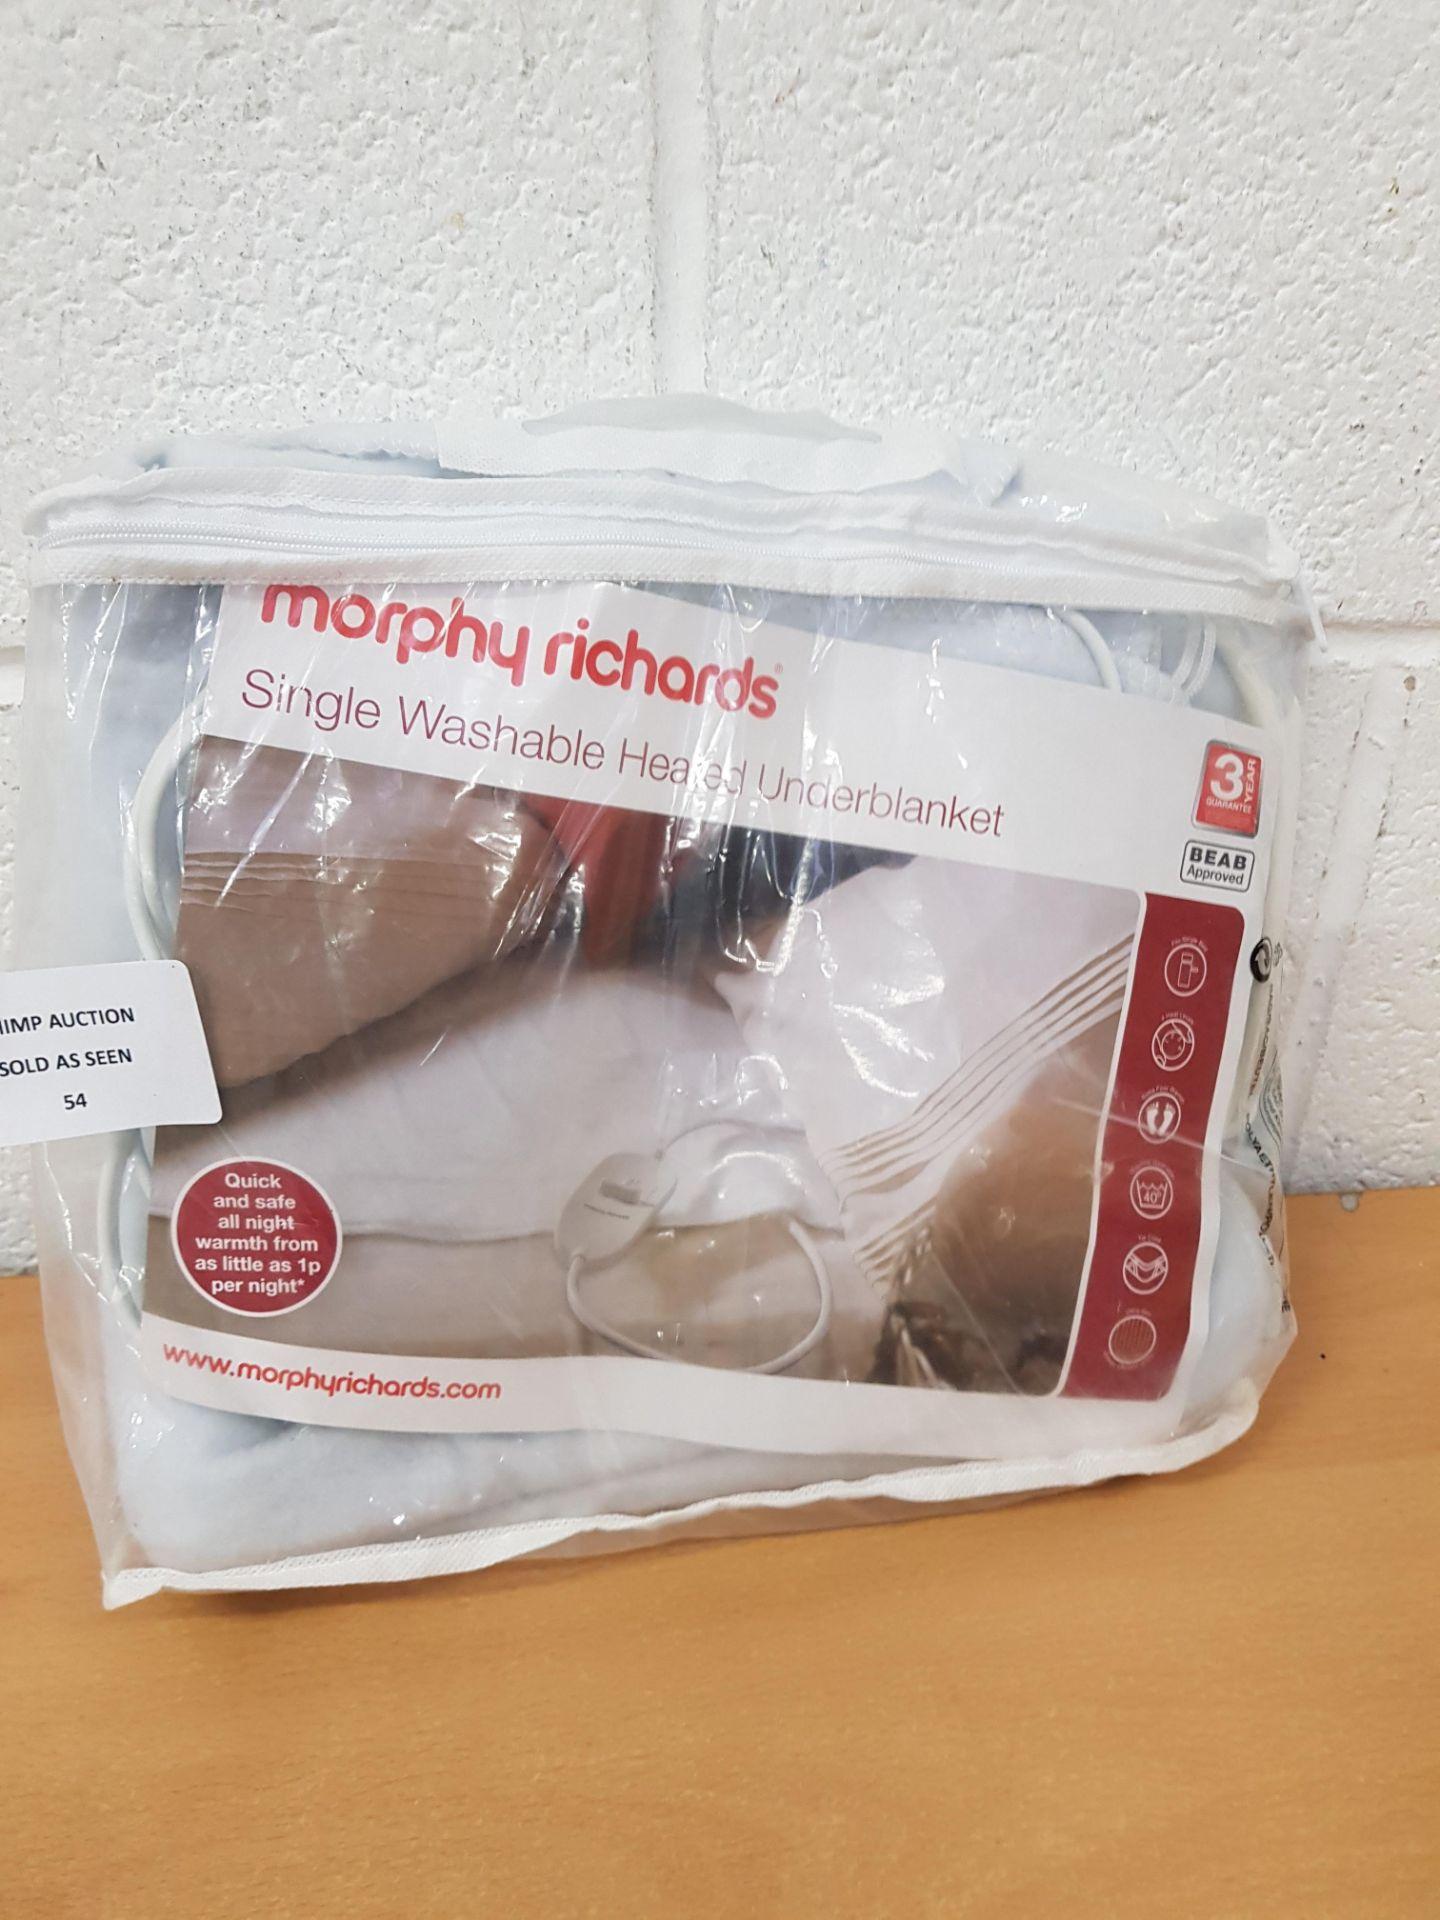 Lot 54 - Morphy Richards Single Washable Heated Underblanket